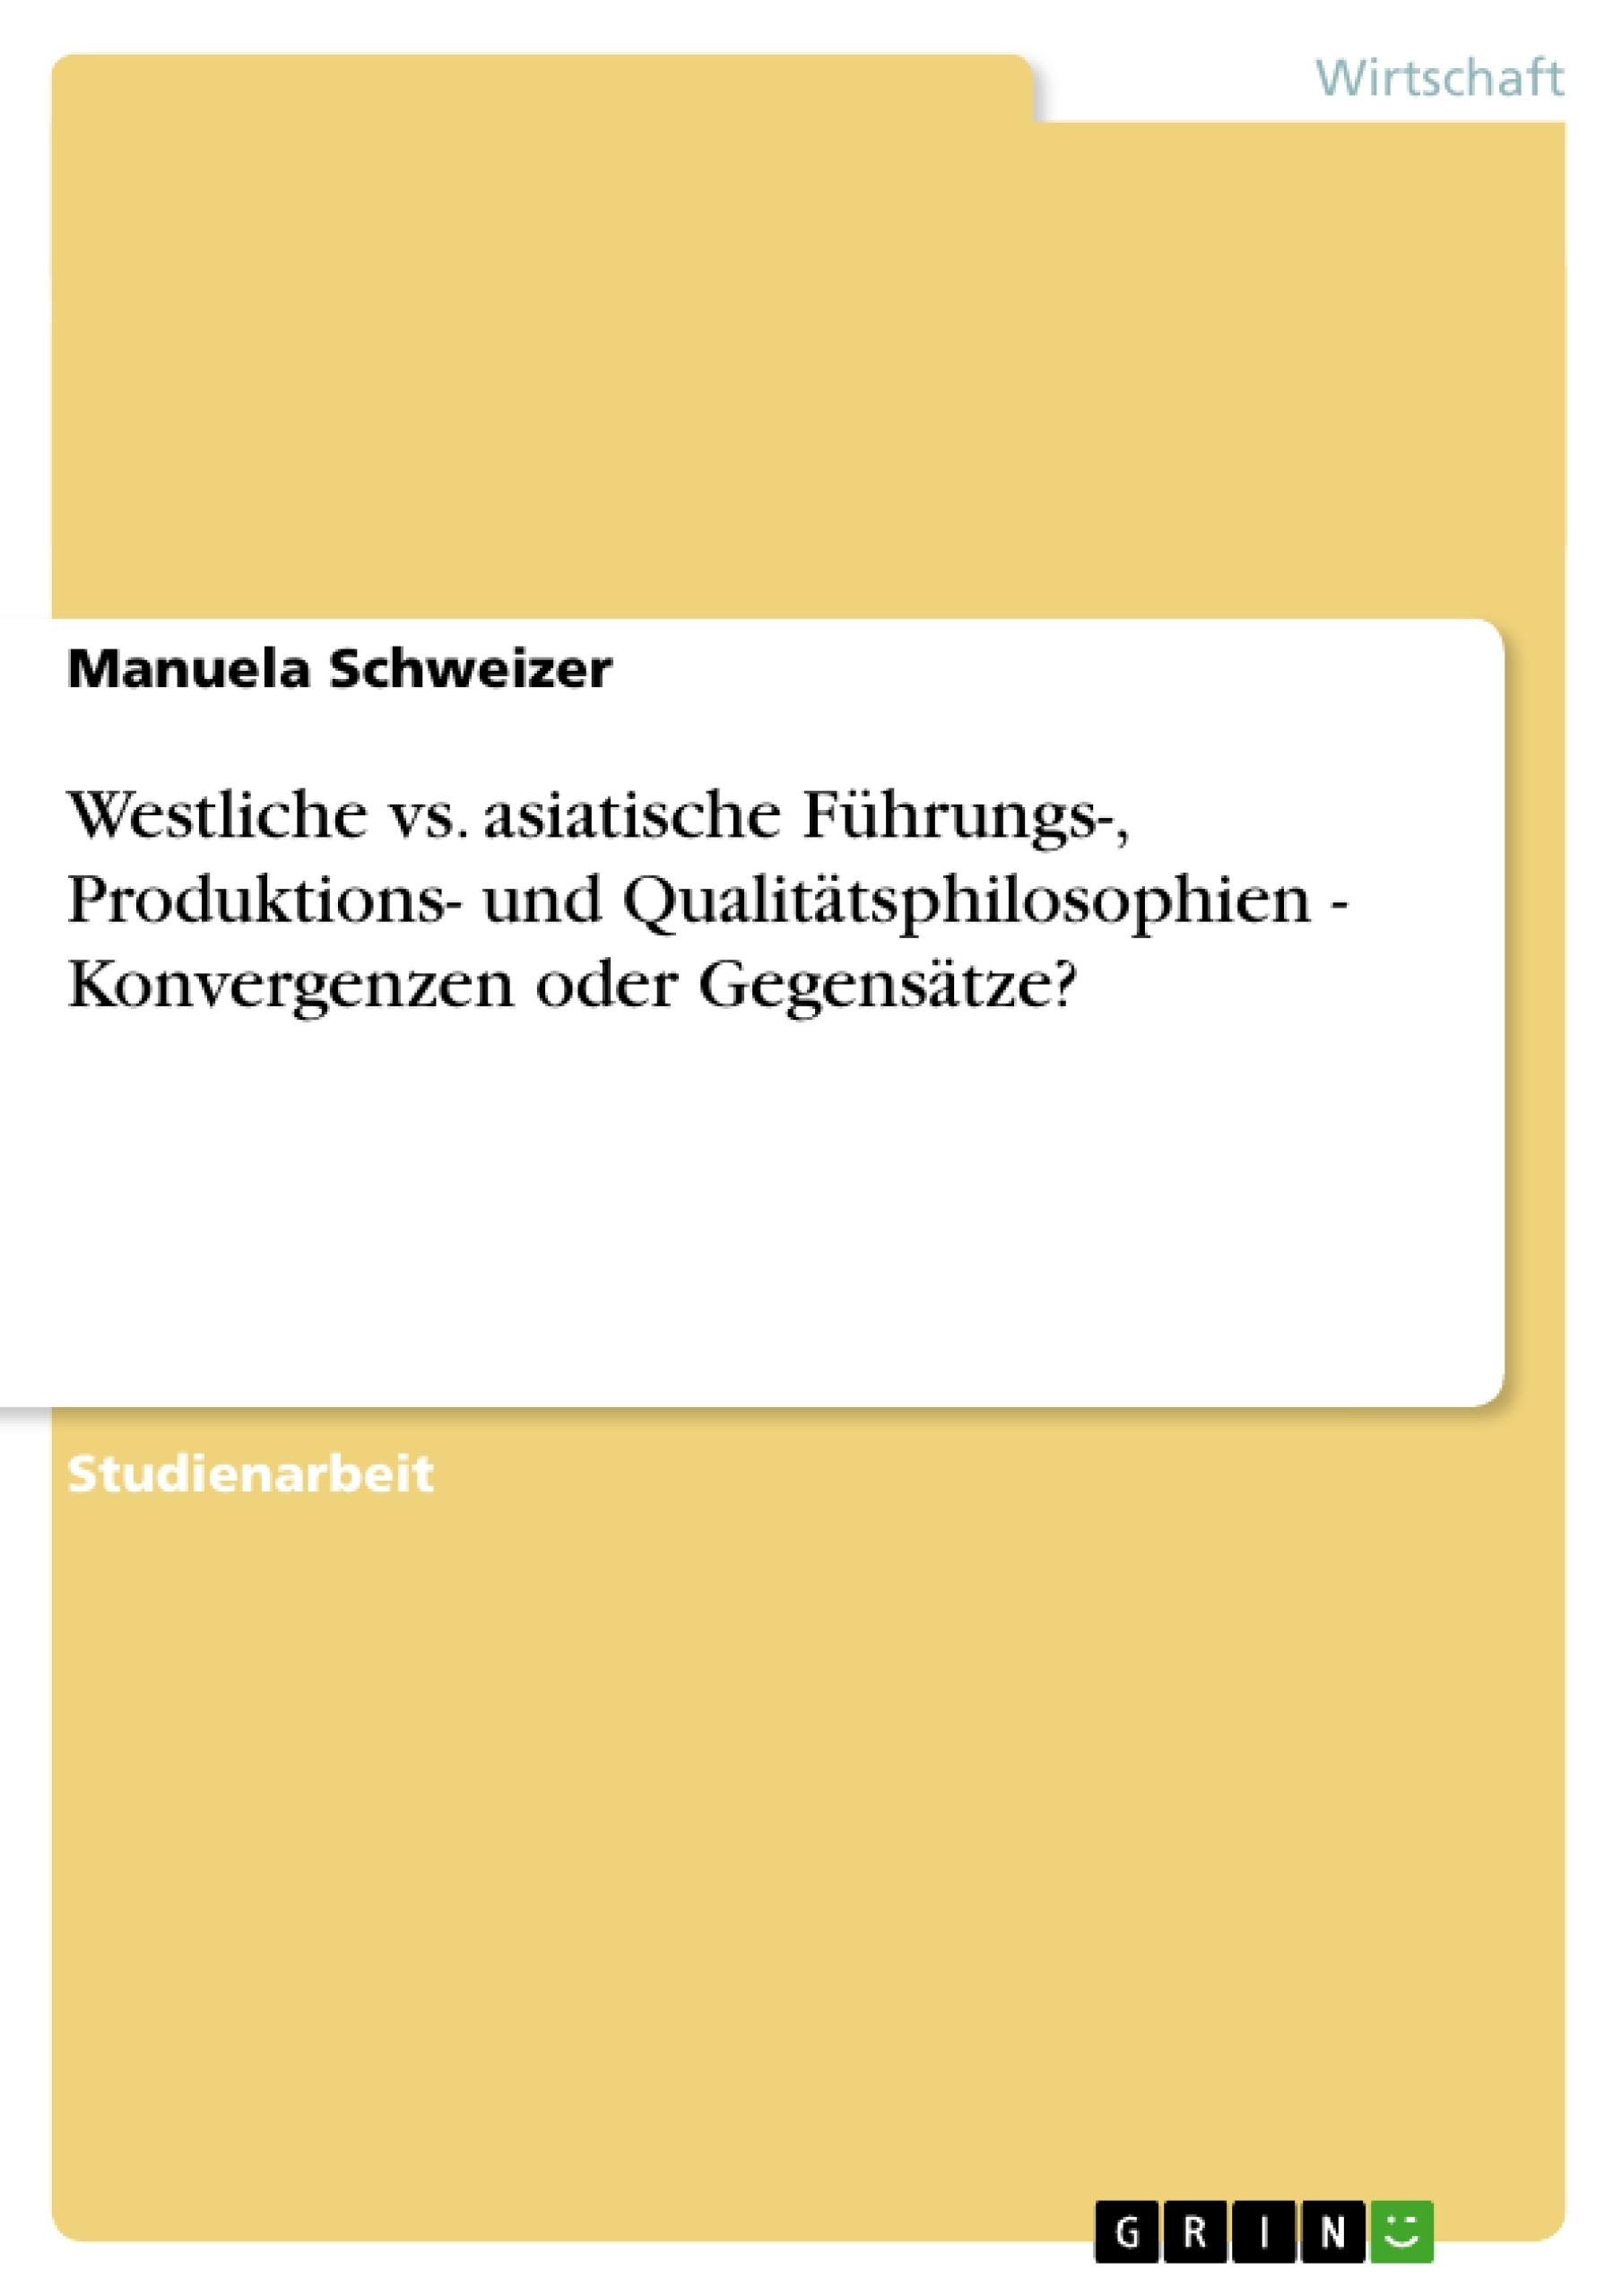 Titel: Westliche vs. asiatische Führungs-, Produktions- und Qualitätsphilosophien - Konvergenzen oder Gegensätze?